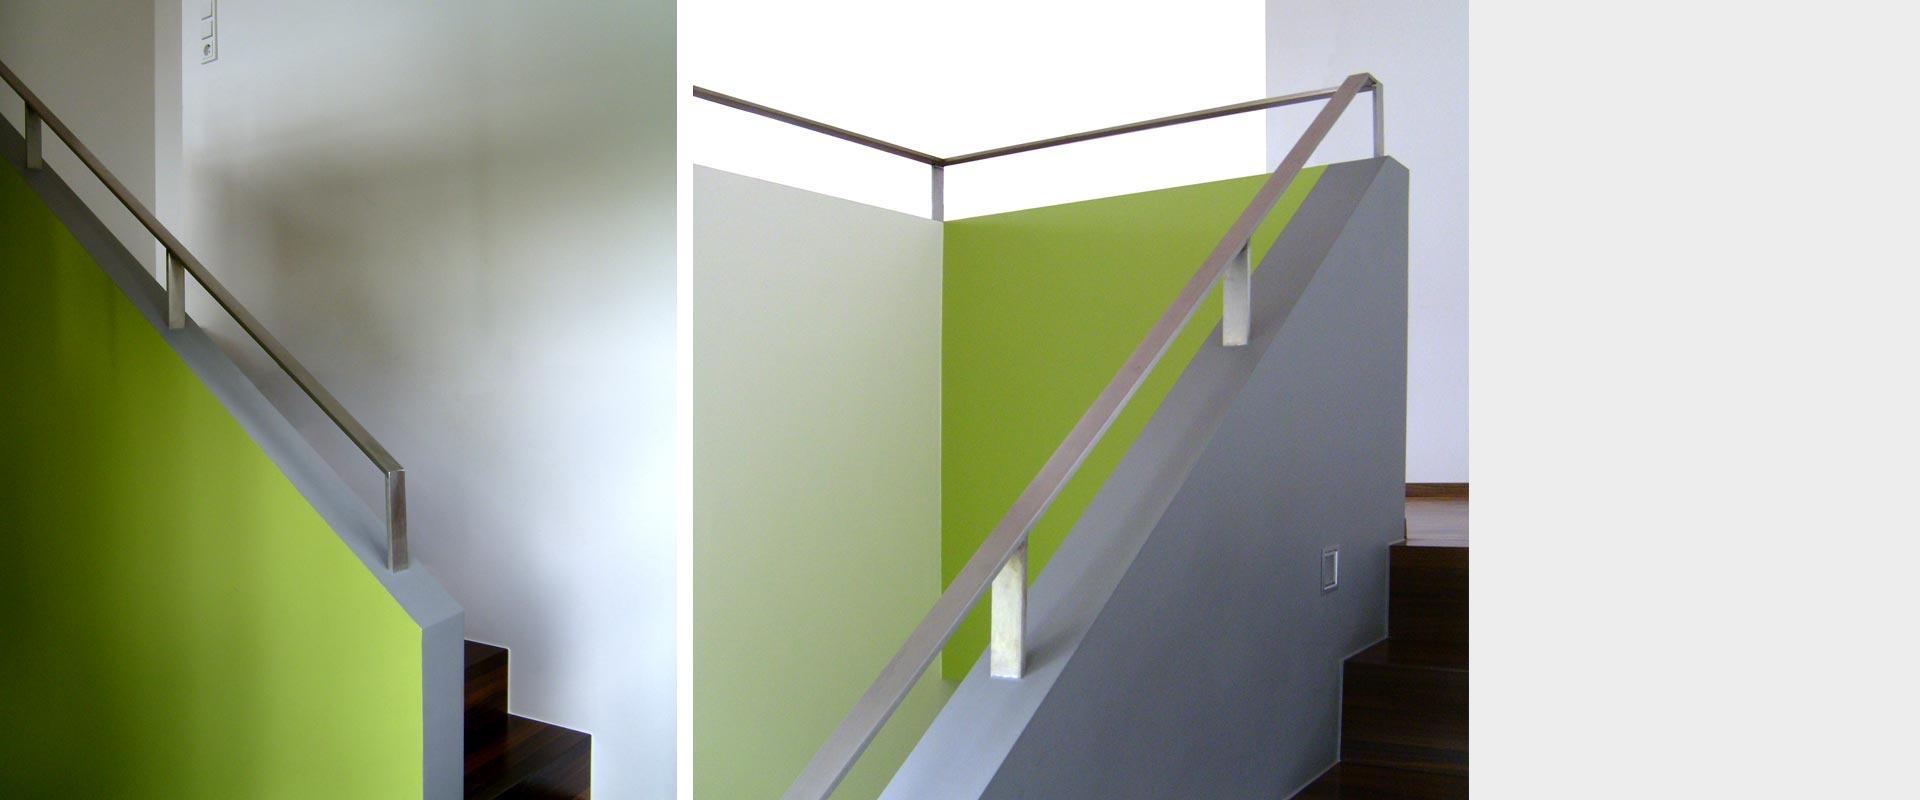 architekturbuero_henning_musahl_waldshut_walz04